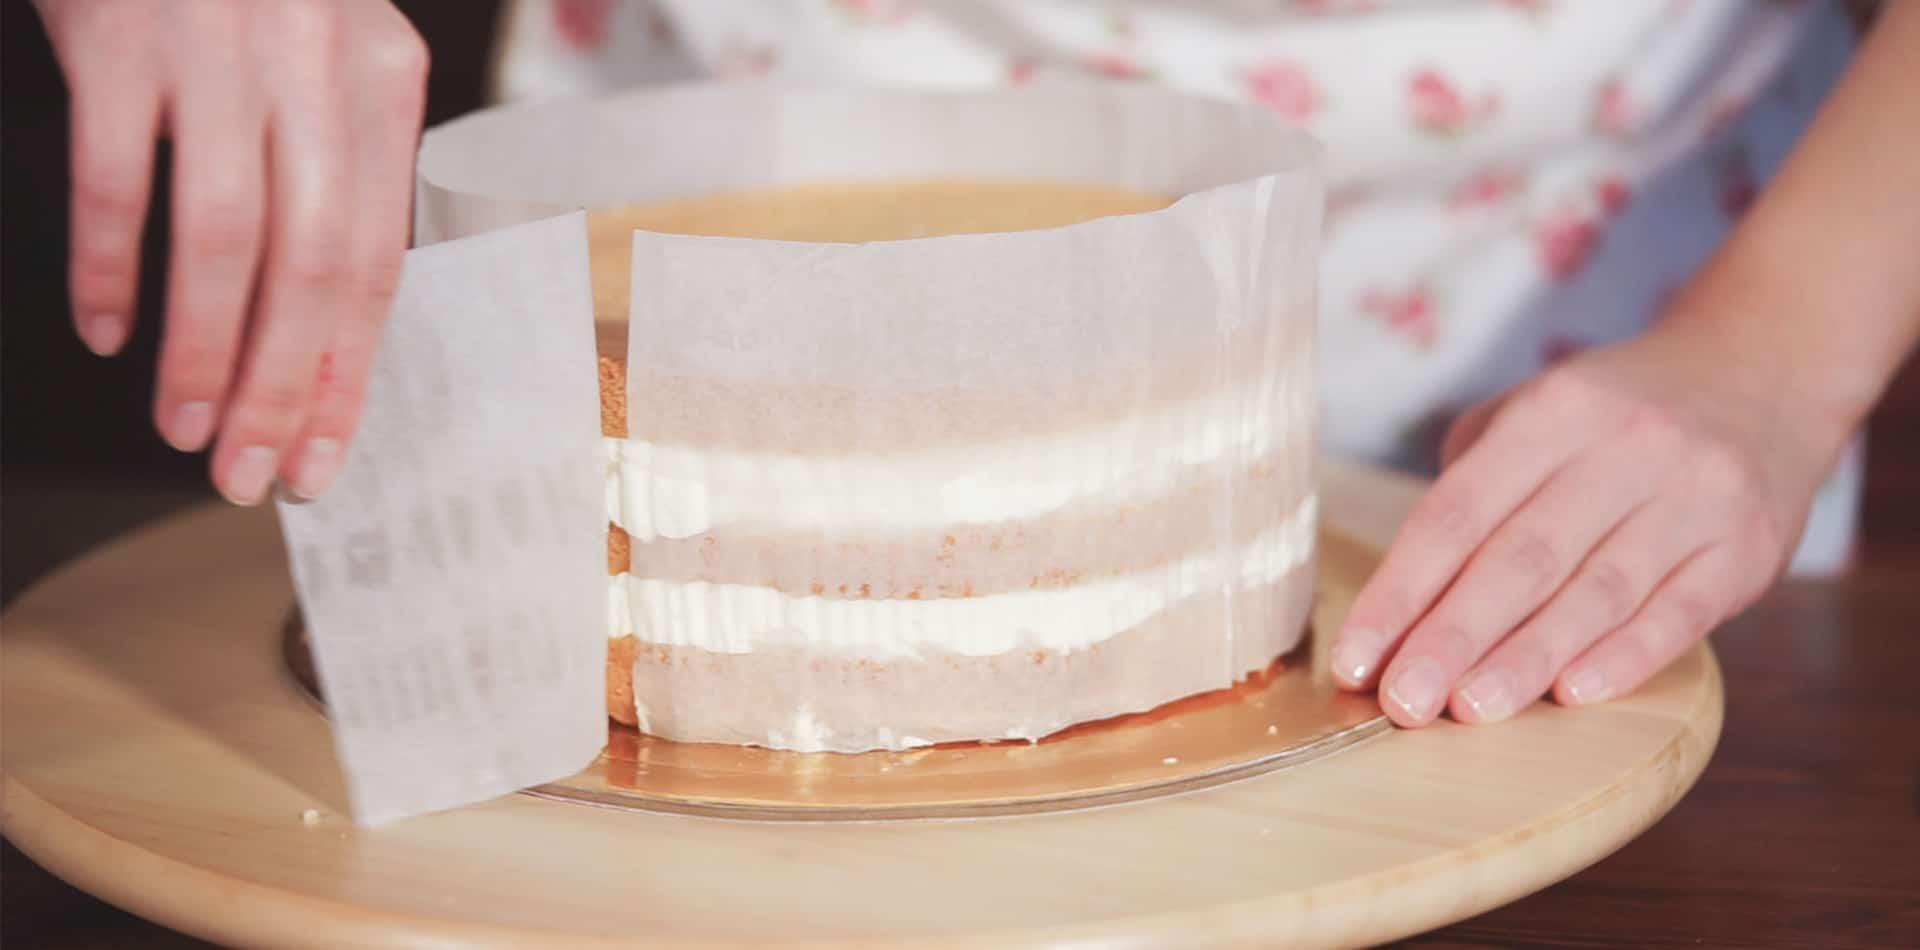 กระดาษอบขนม-รูป2